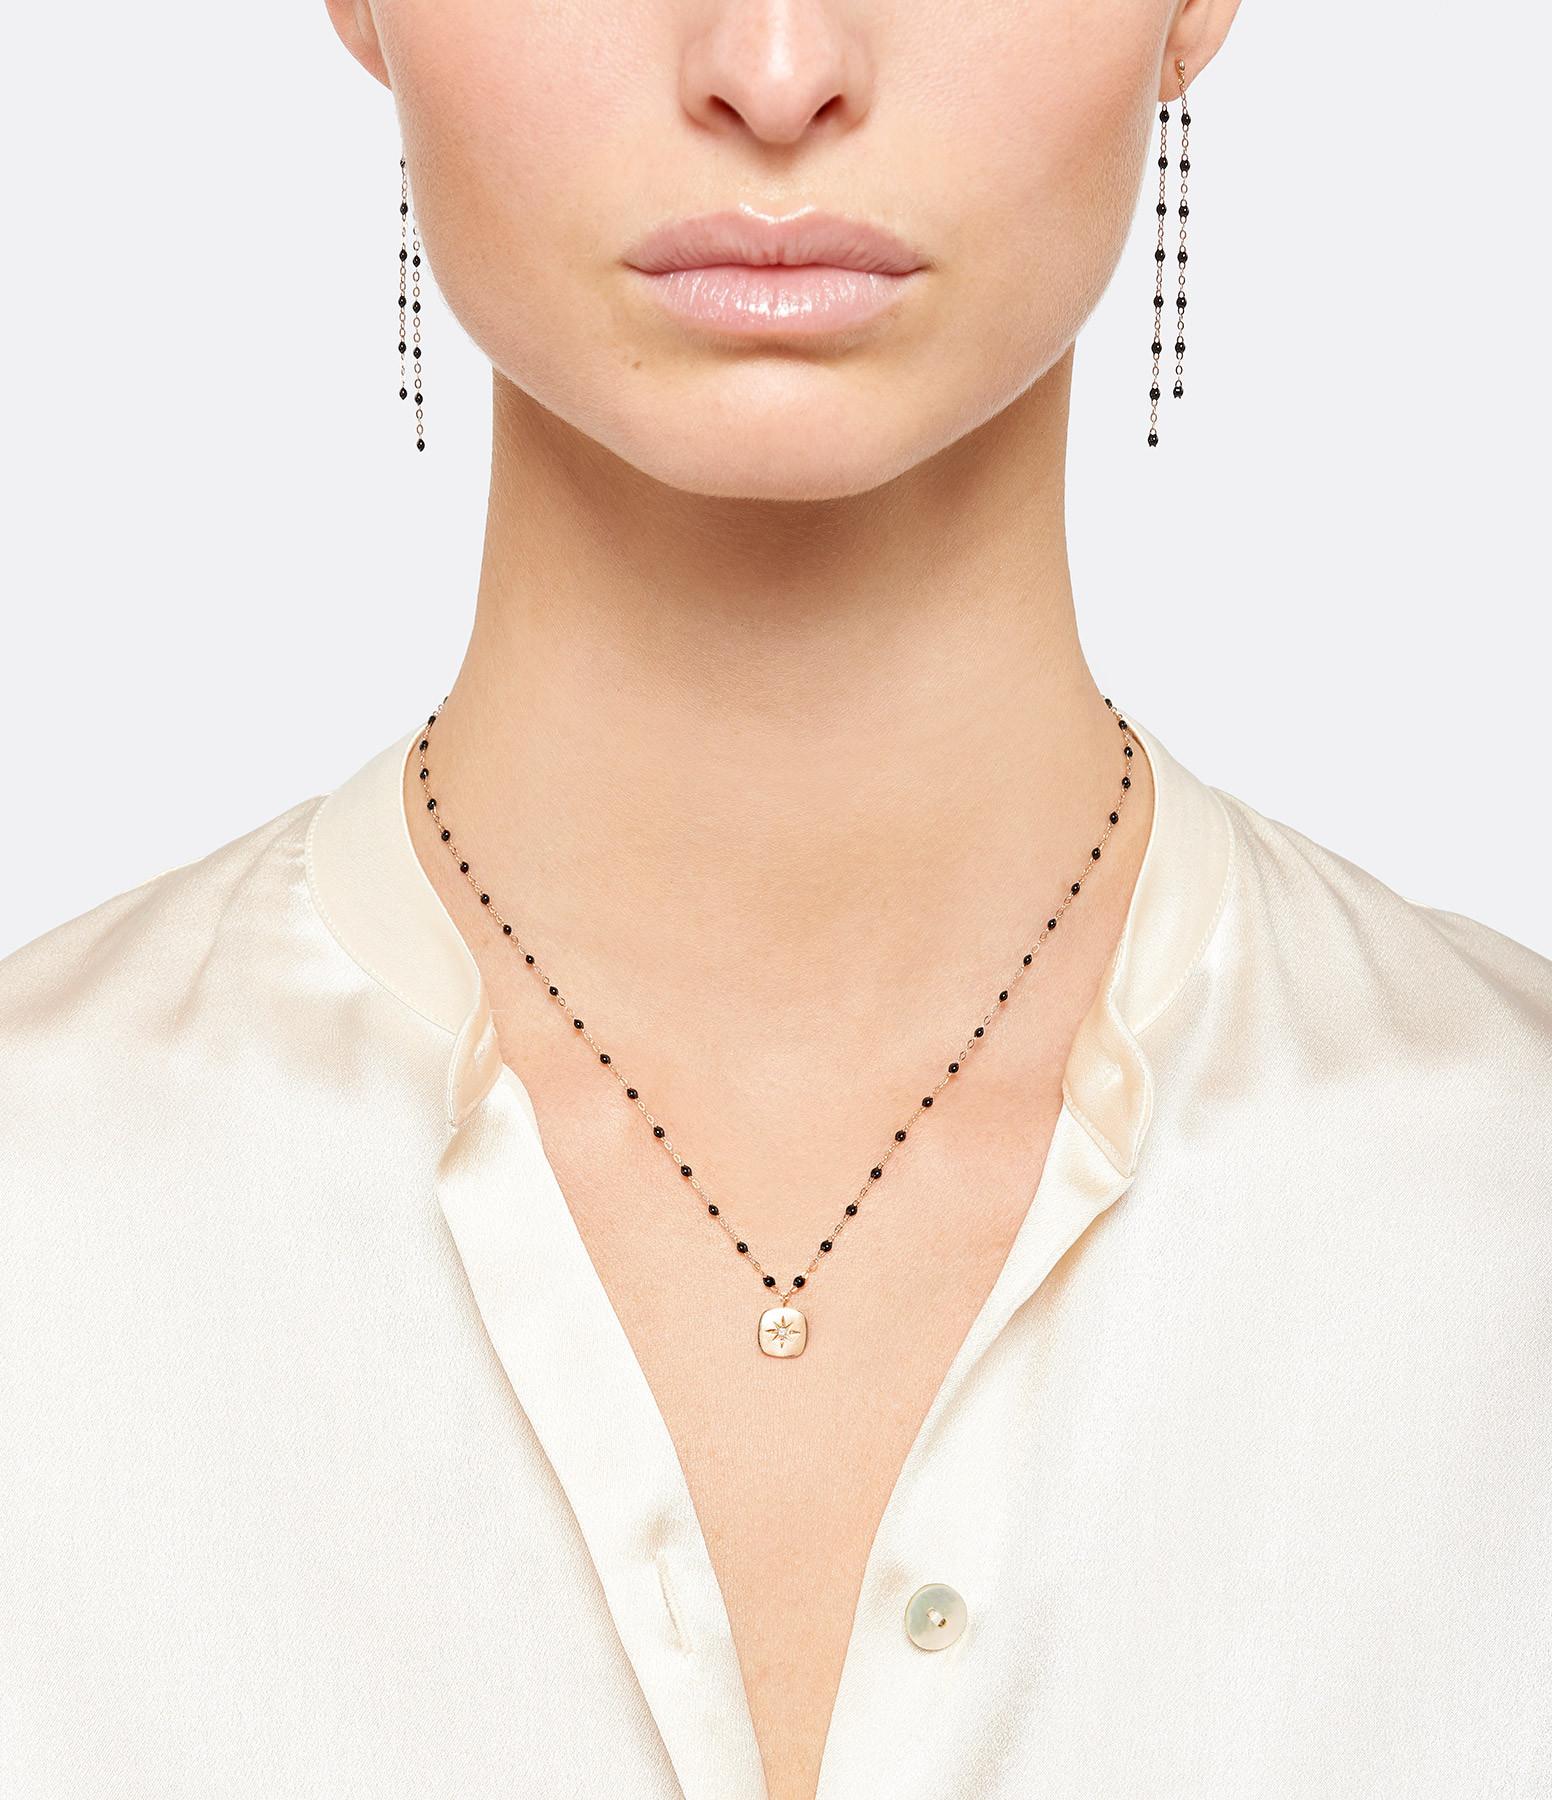 GIGI CLOZEAU - Boucles d'oreilles Pendantes Perles Résine Or gris